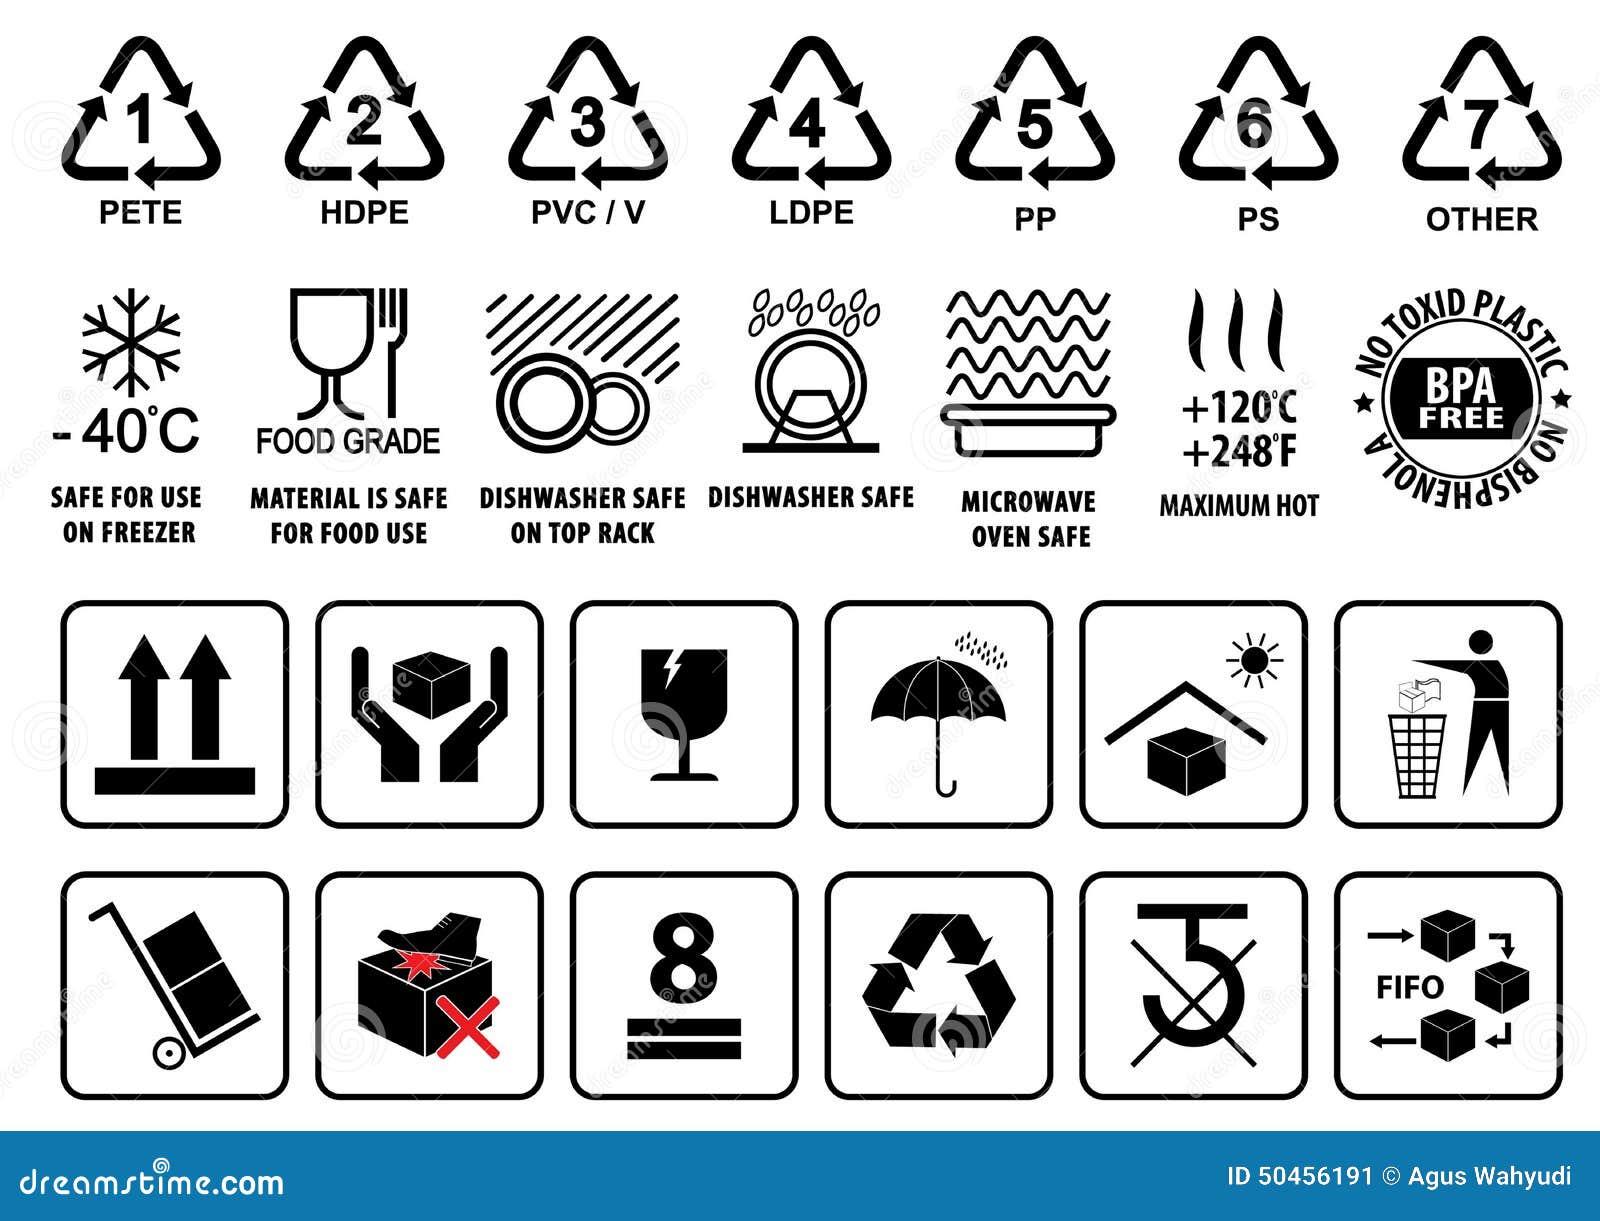 plastique r 233 utilisant les symboles le signe de vaisselle et l emballage ou les symboles de